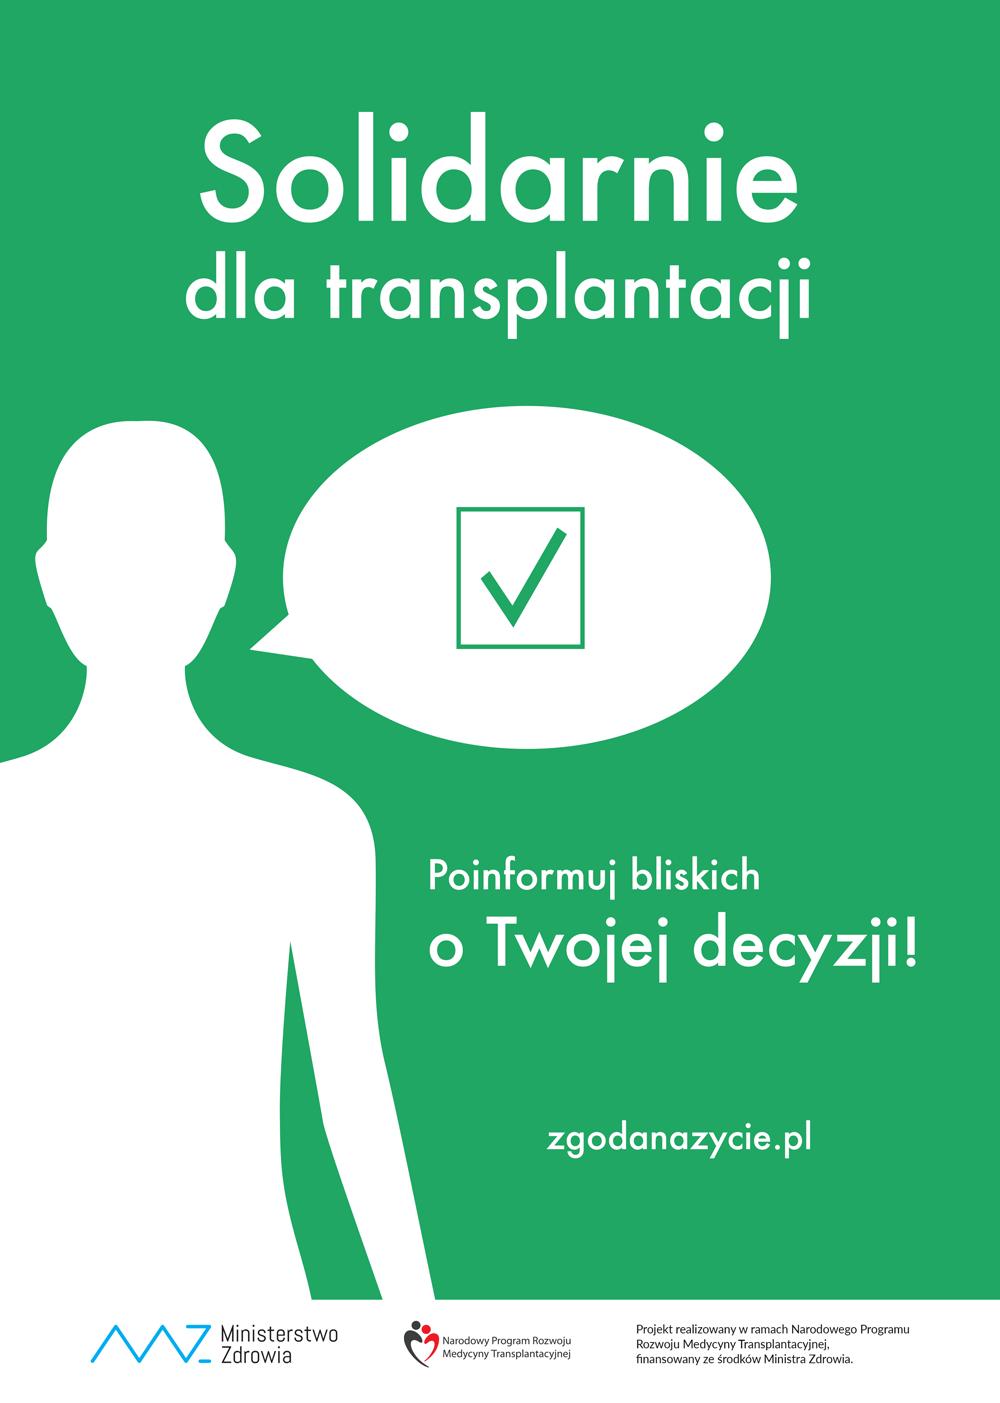 plakat kampanii Solidarnie dla transplantacji; przeszczep; poinformuj bliskich o Twojej decyzji